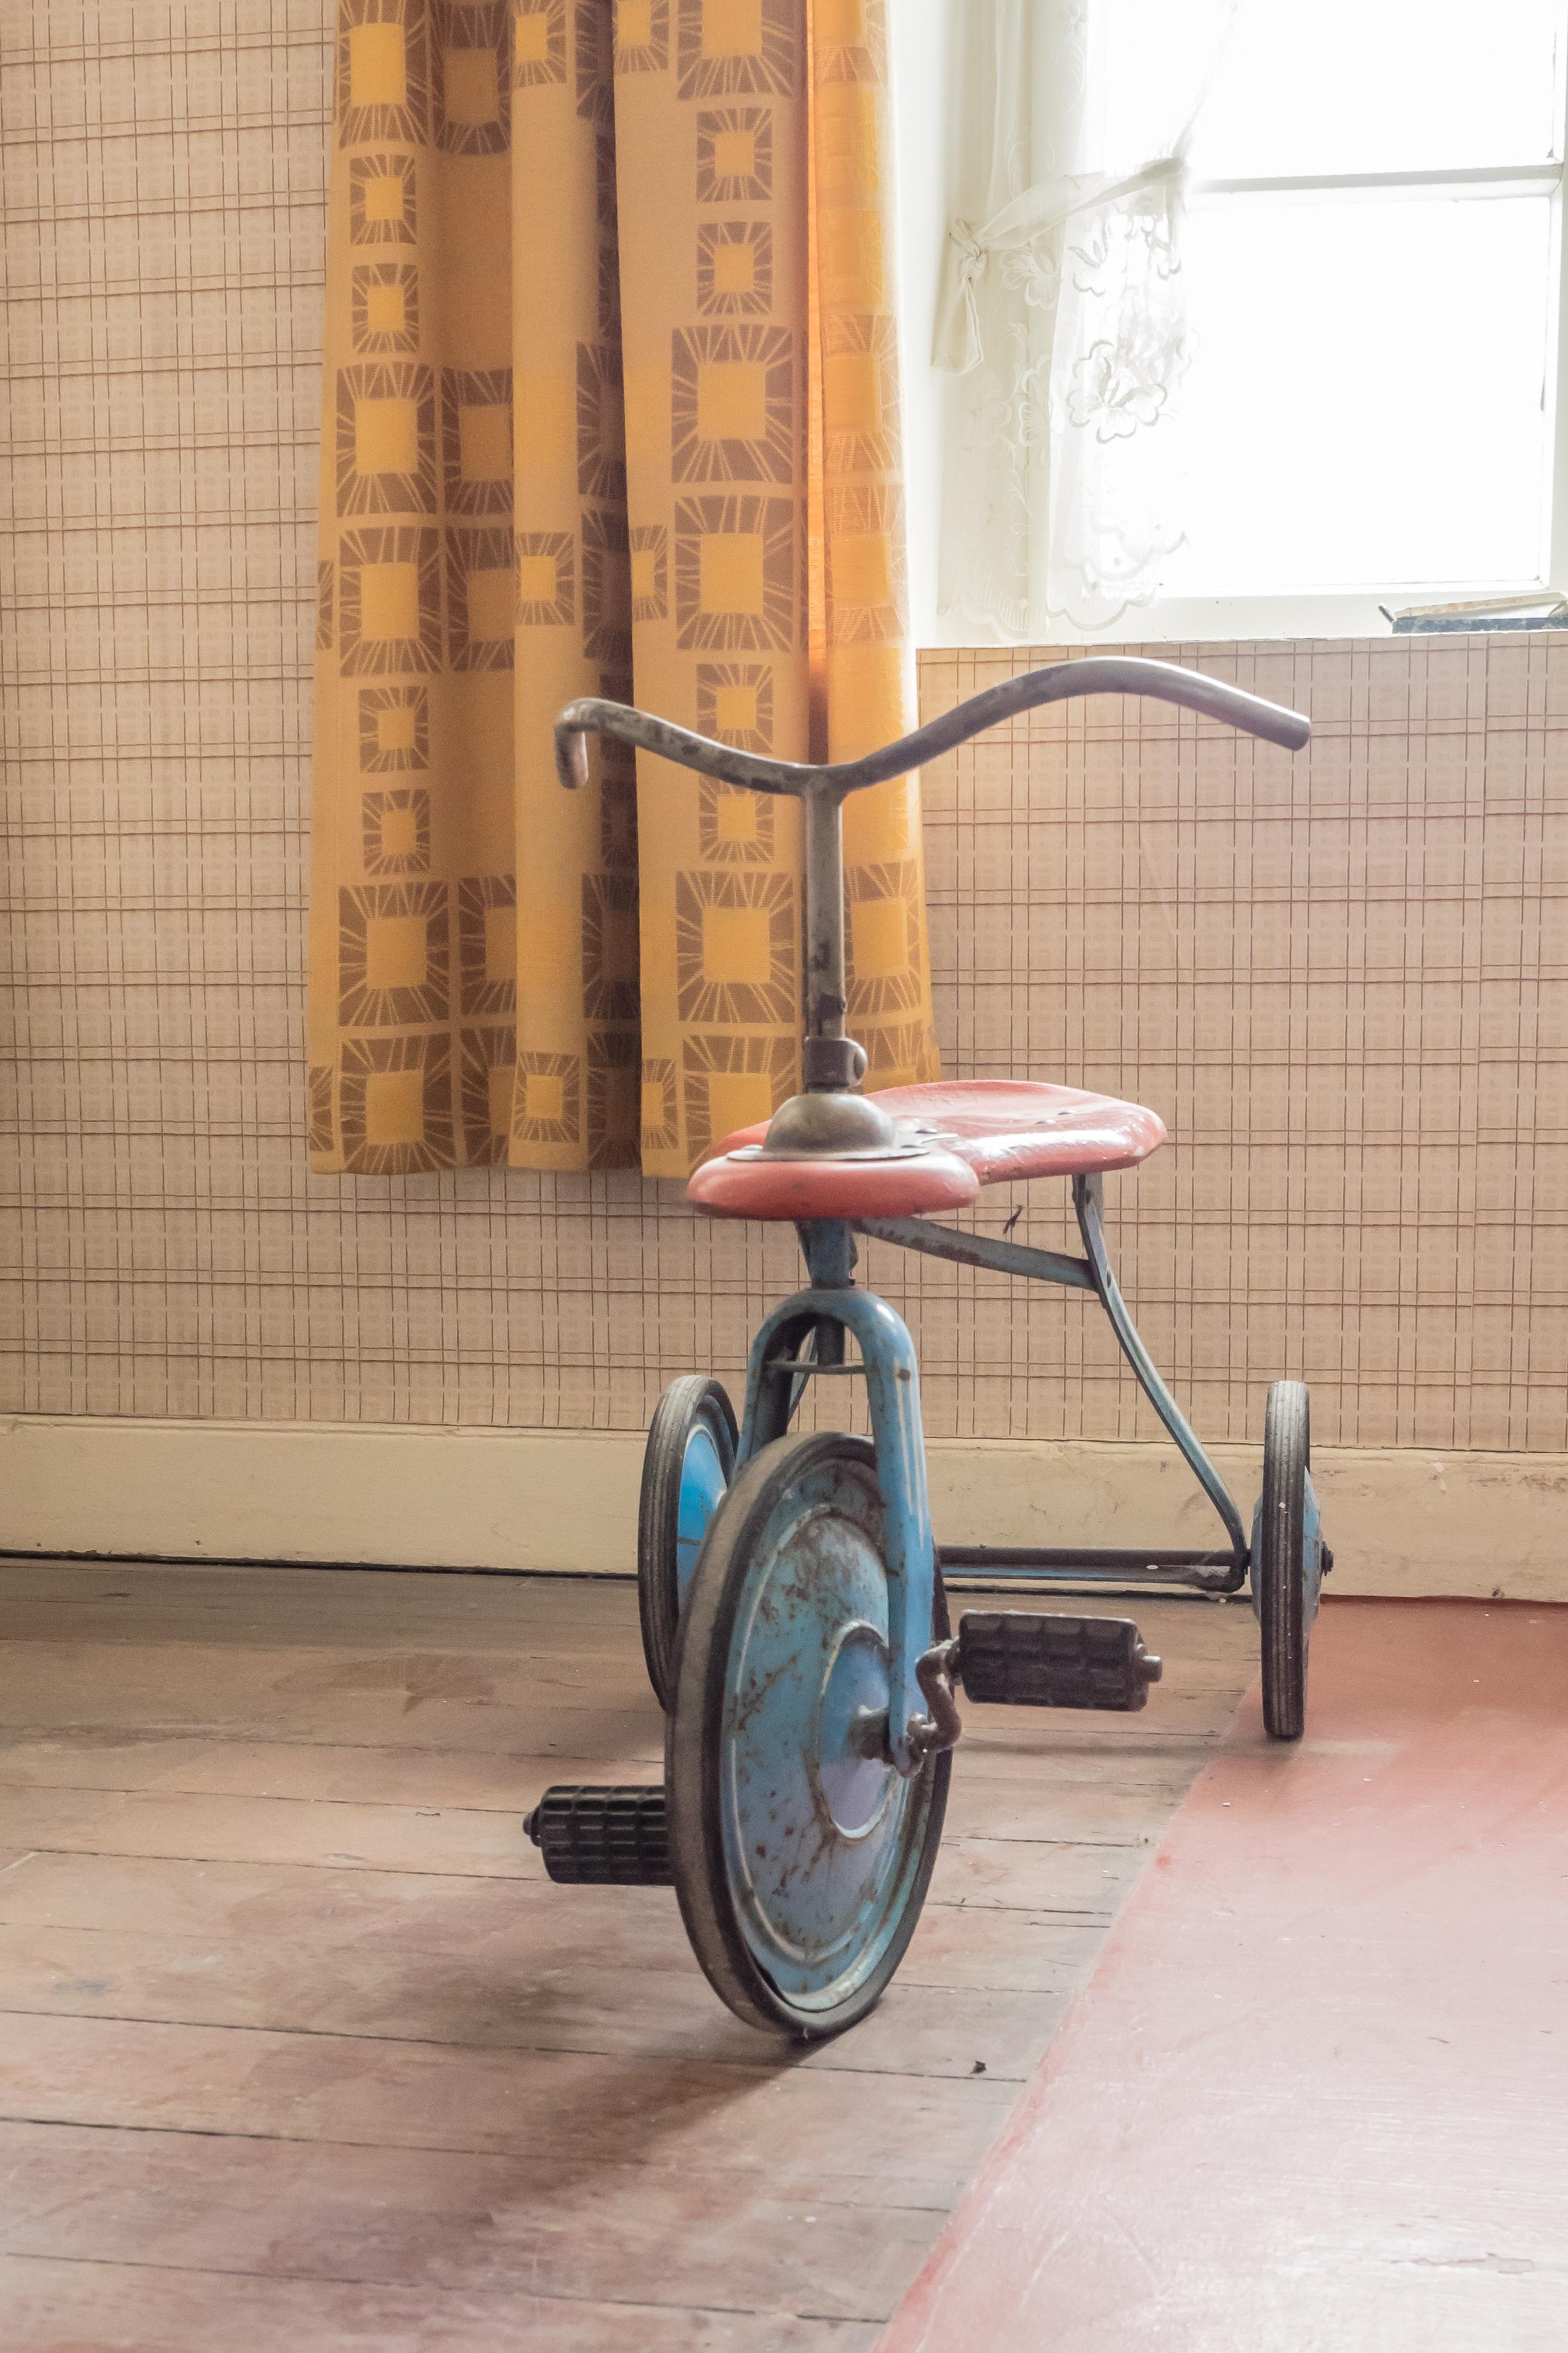 Kostenlose foto : Antiquität, Rad, spielen, Retro, Dreirad, Stock ...